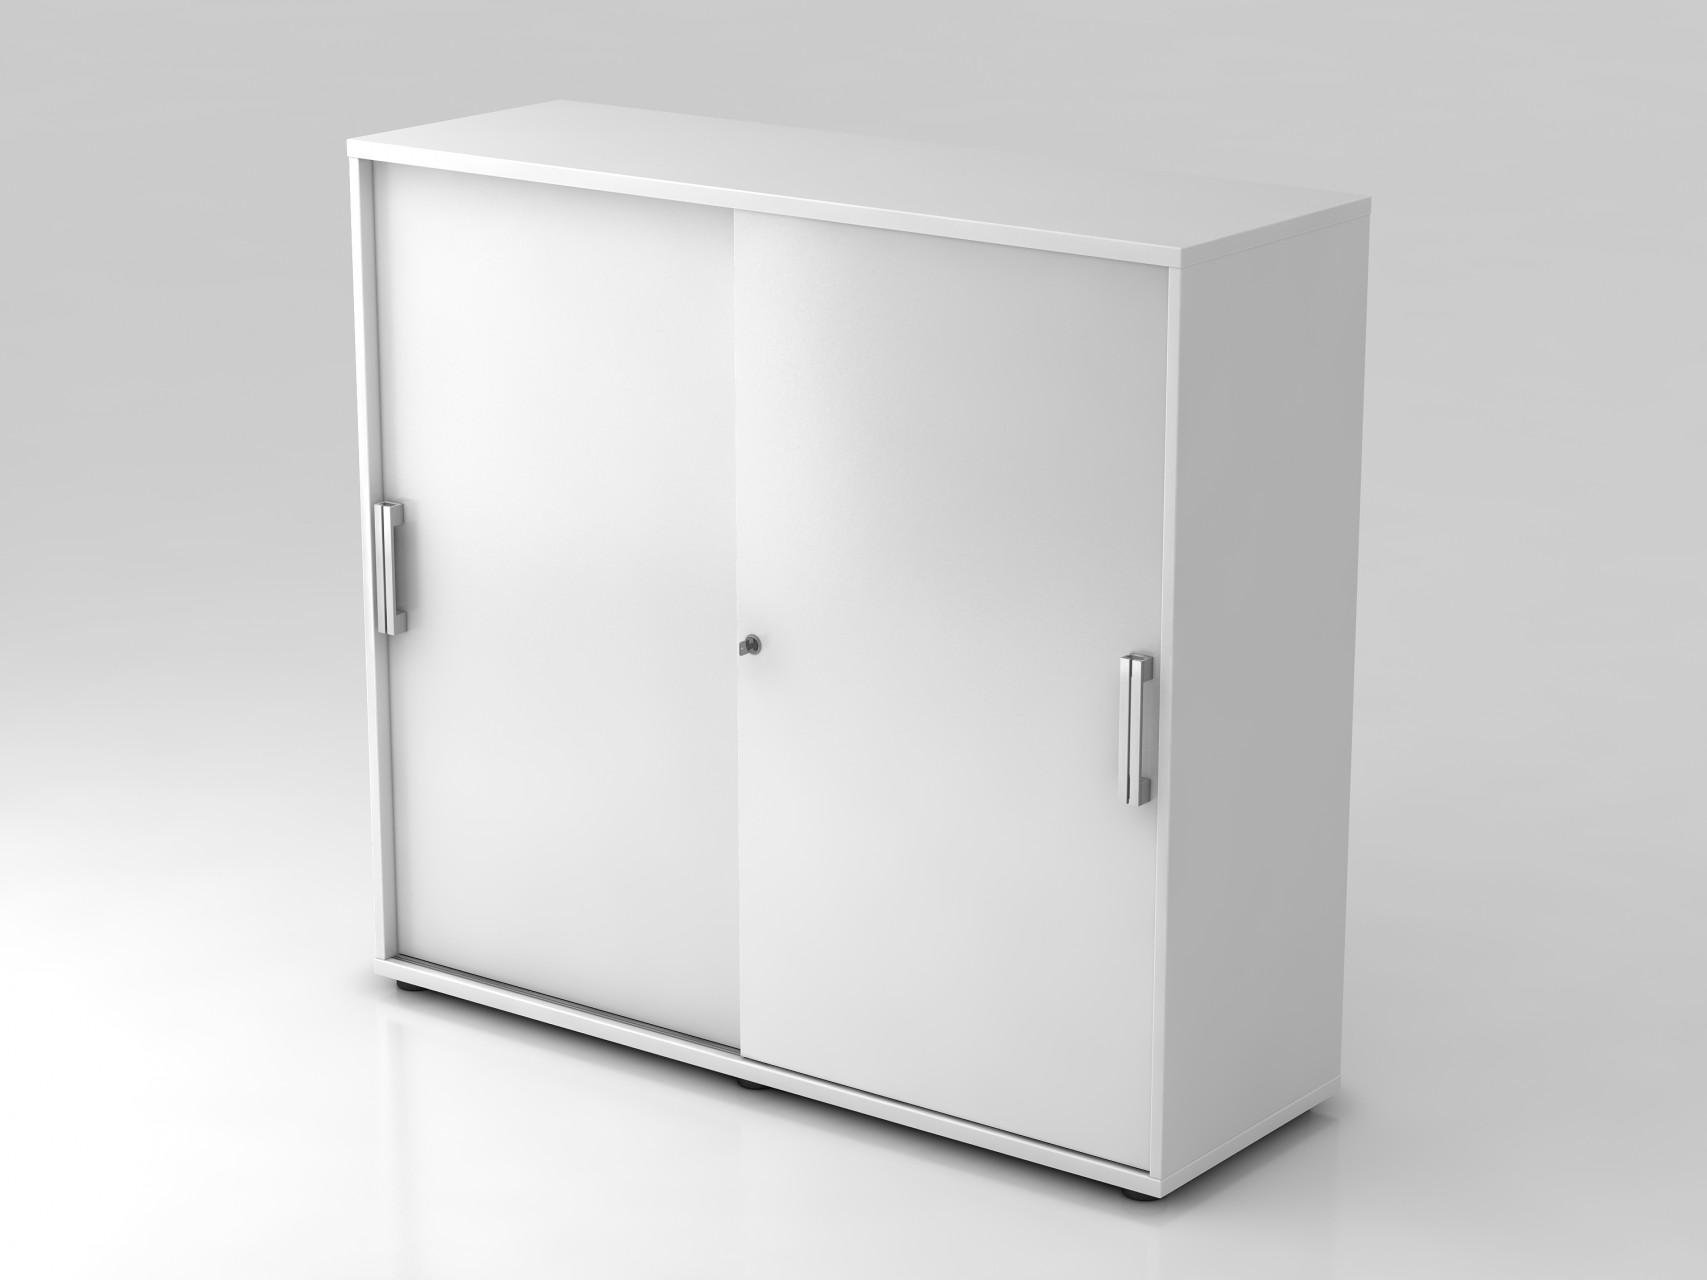 Armoires portes coulissantes h110 cm achat armoires for Armoire 110 cm porte coulissante